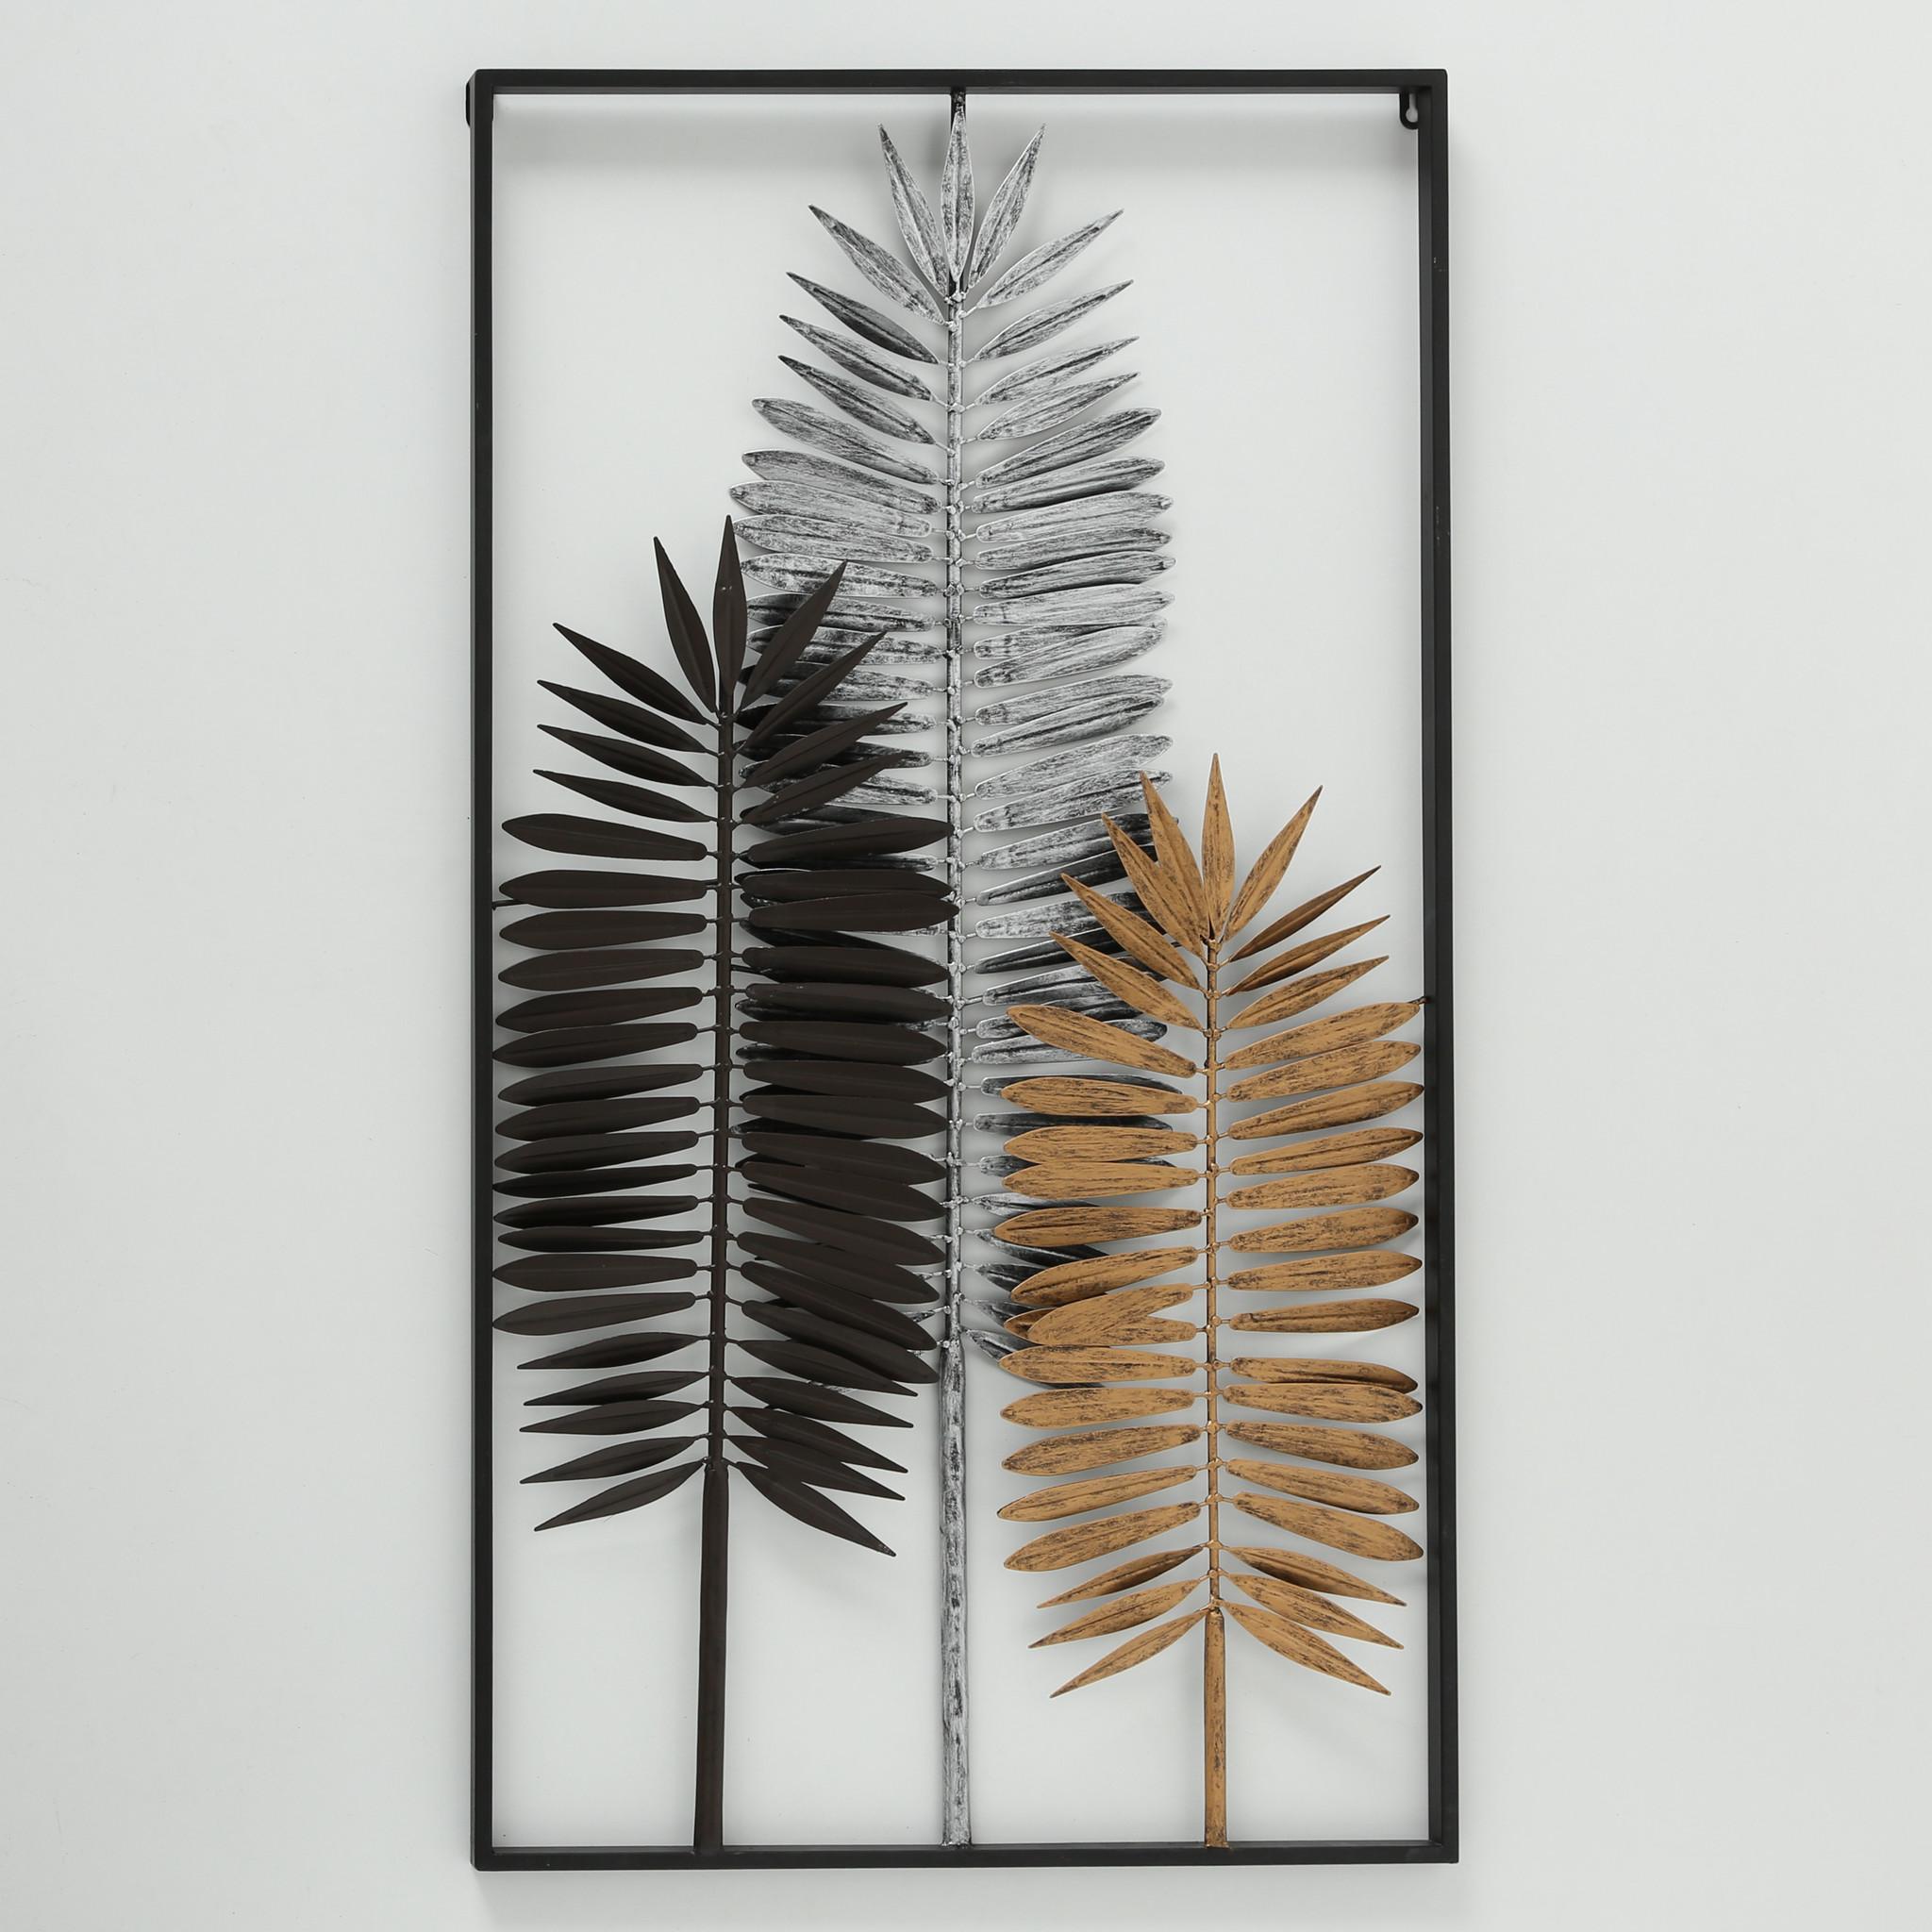 Muurdecoratie 3d   Yama 102cm hoog